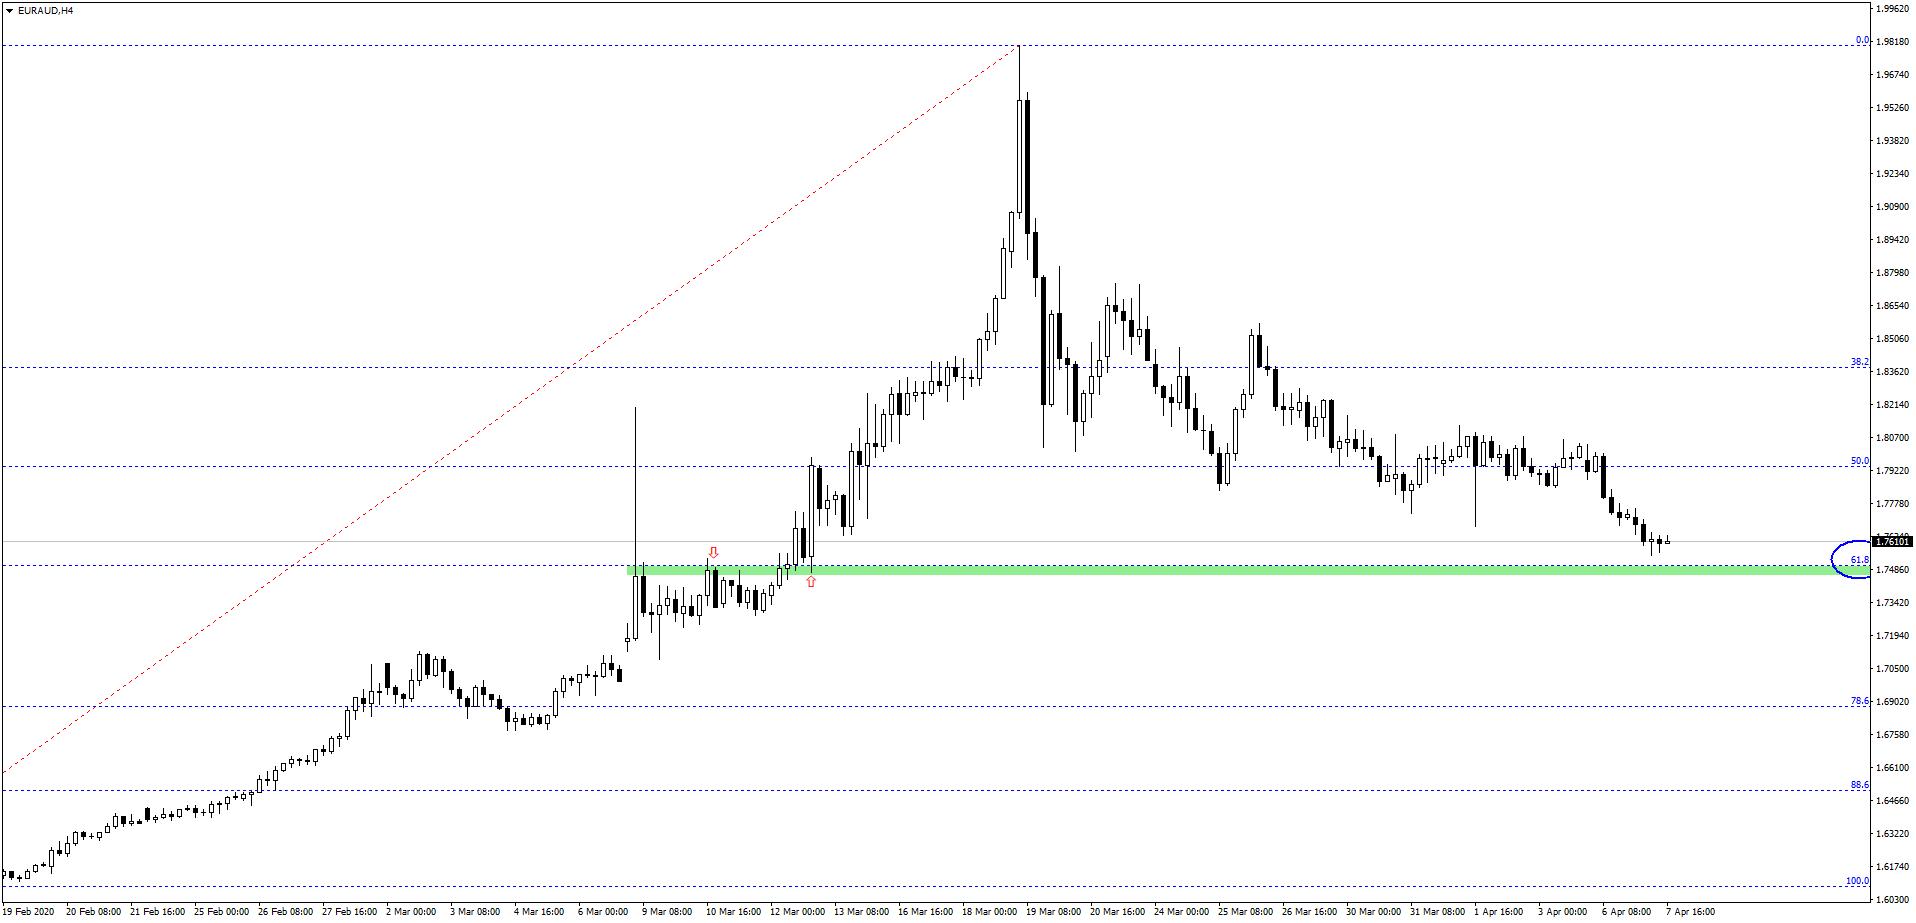 Rozbieżna wycena europejskiej waluty   Na którym wykresie pojawia się okazja na zagrania?